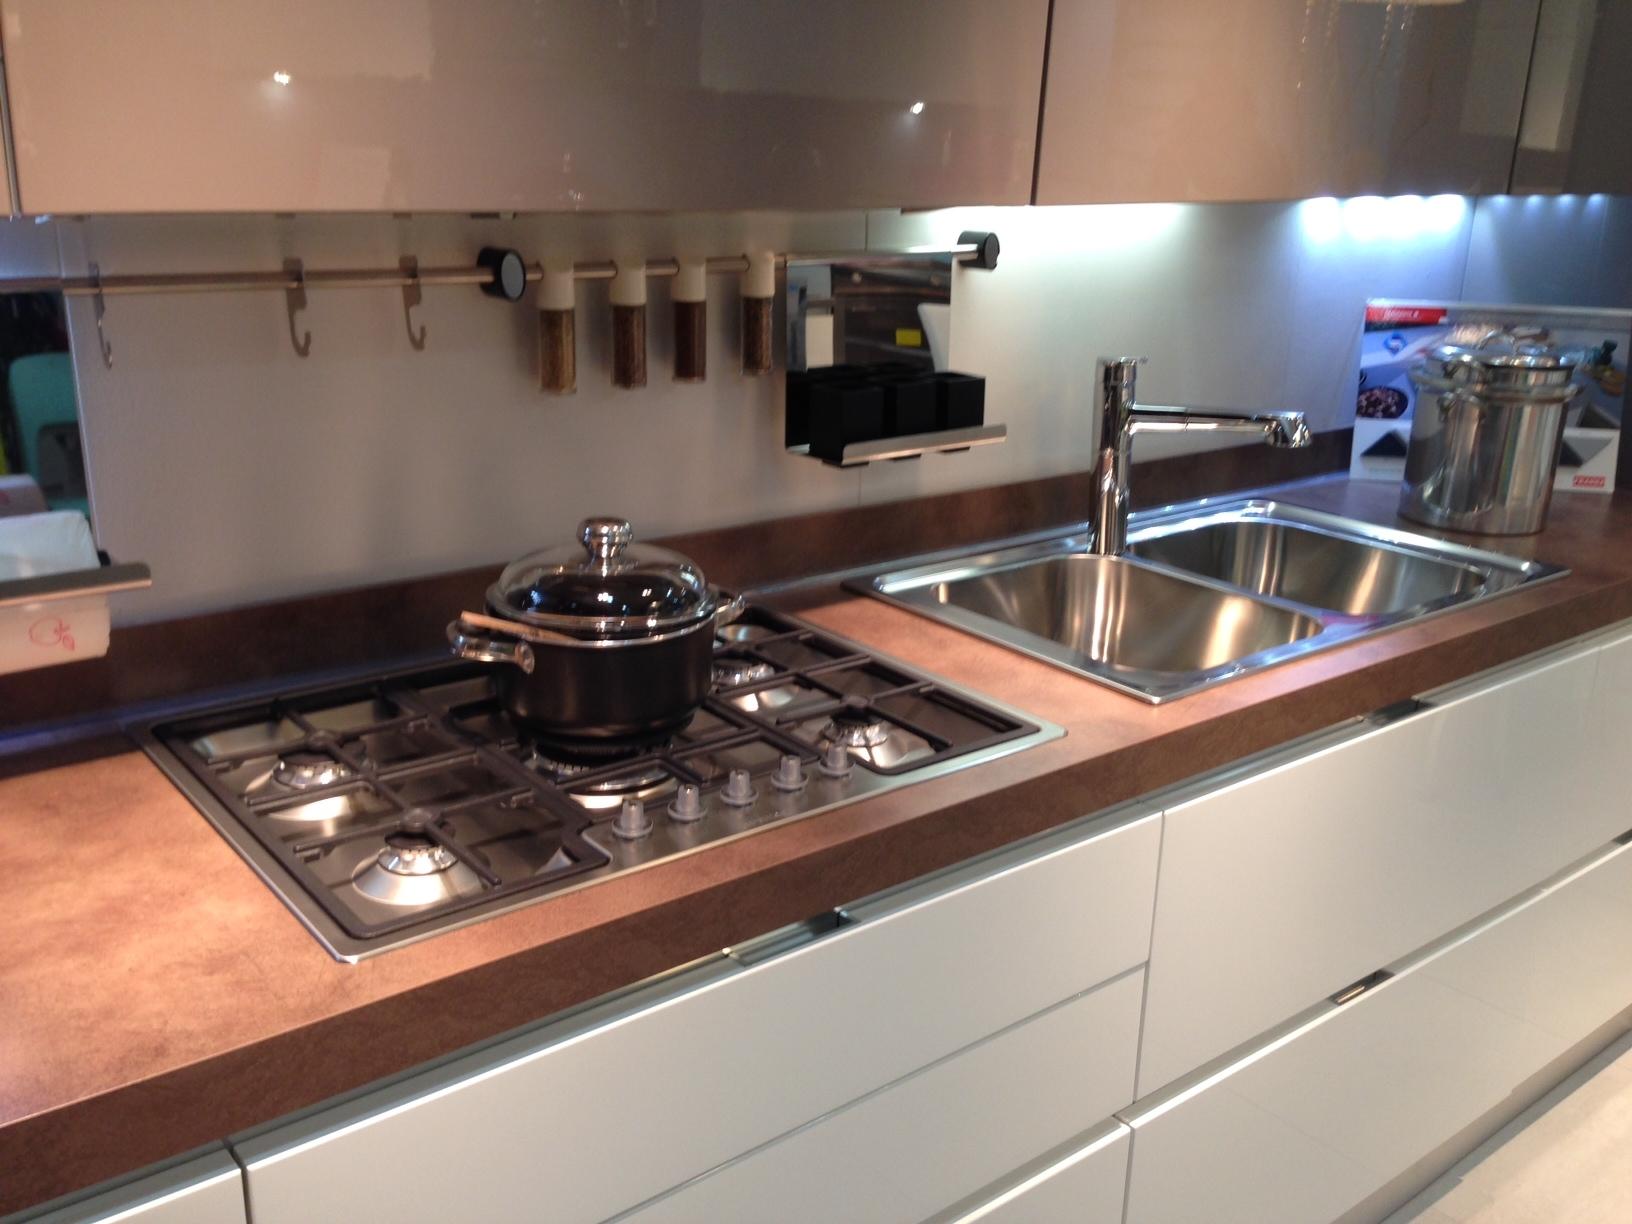 Scavolini cucina scenery scontato del 50 cucine a - Top cucina acciaio prezzi ...